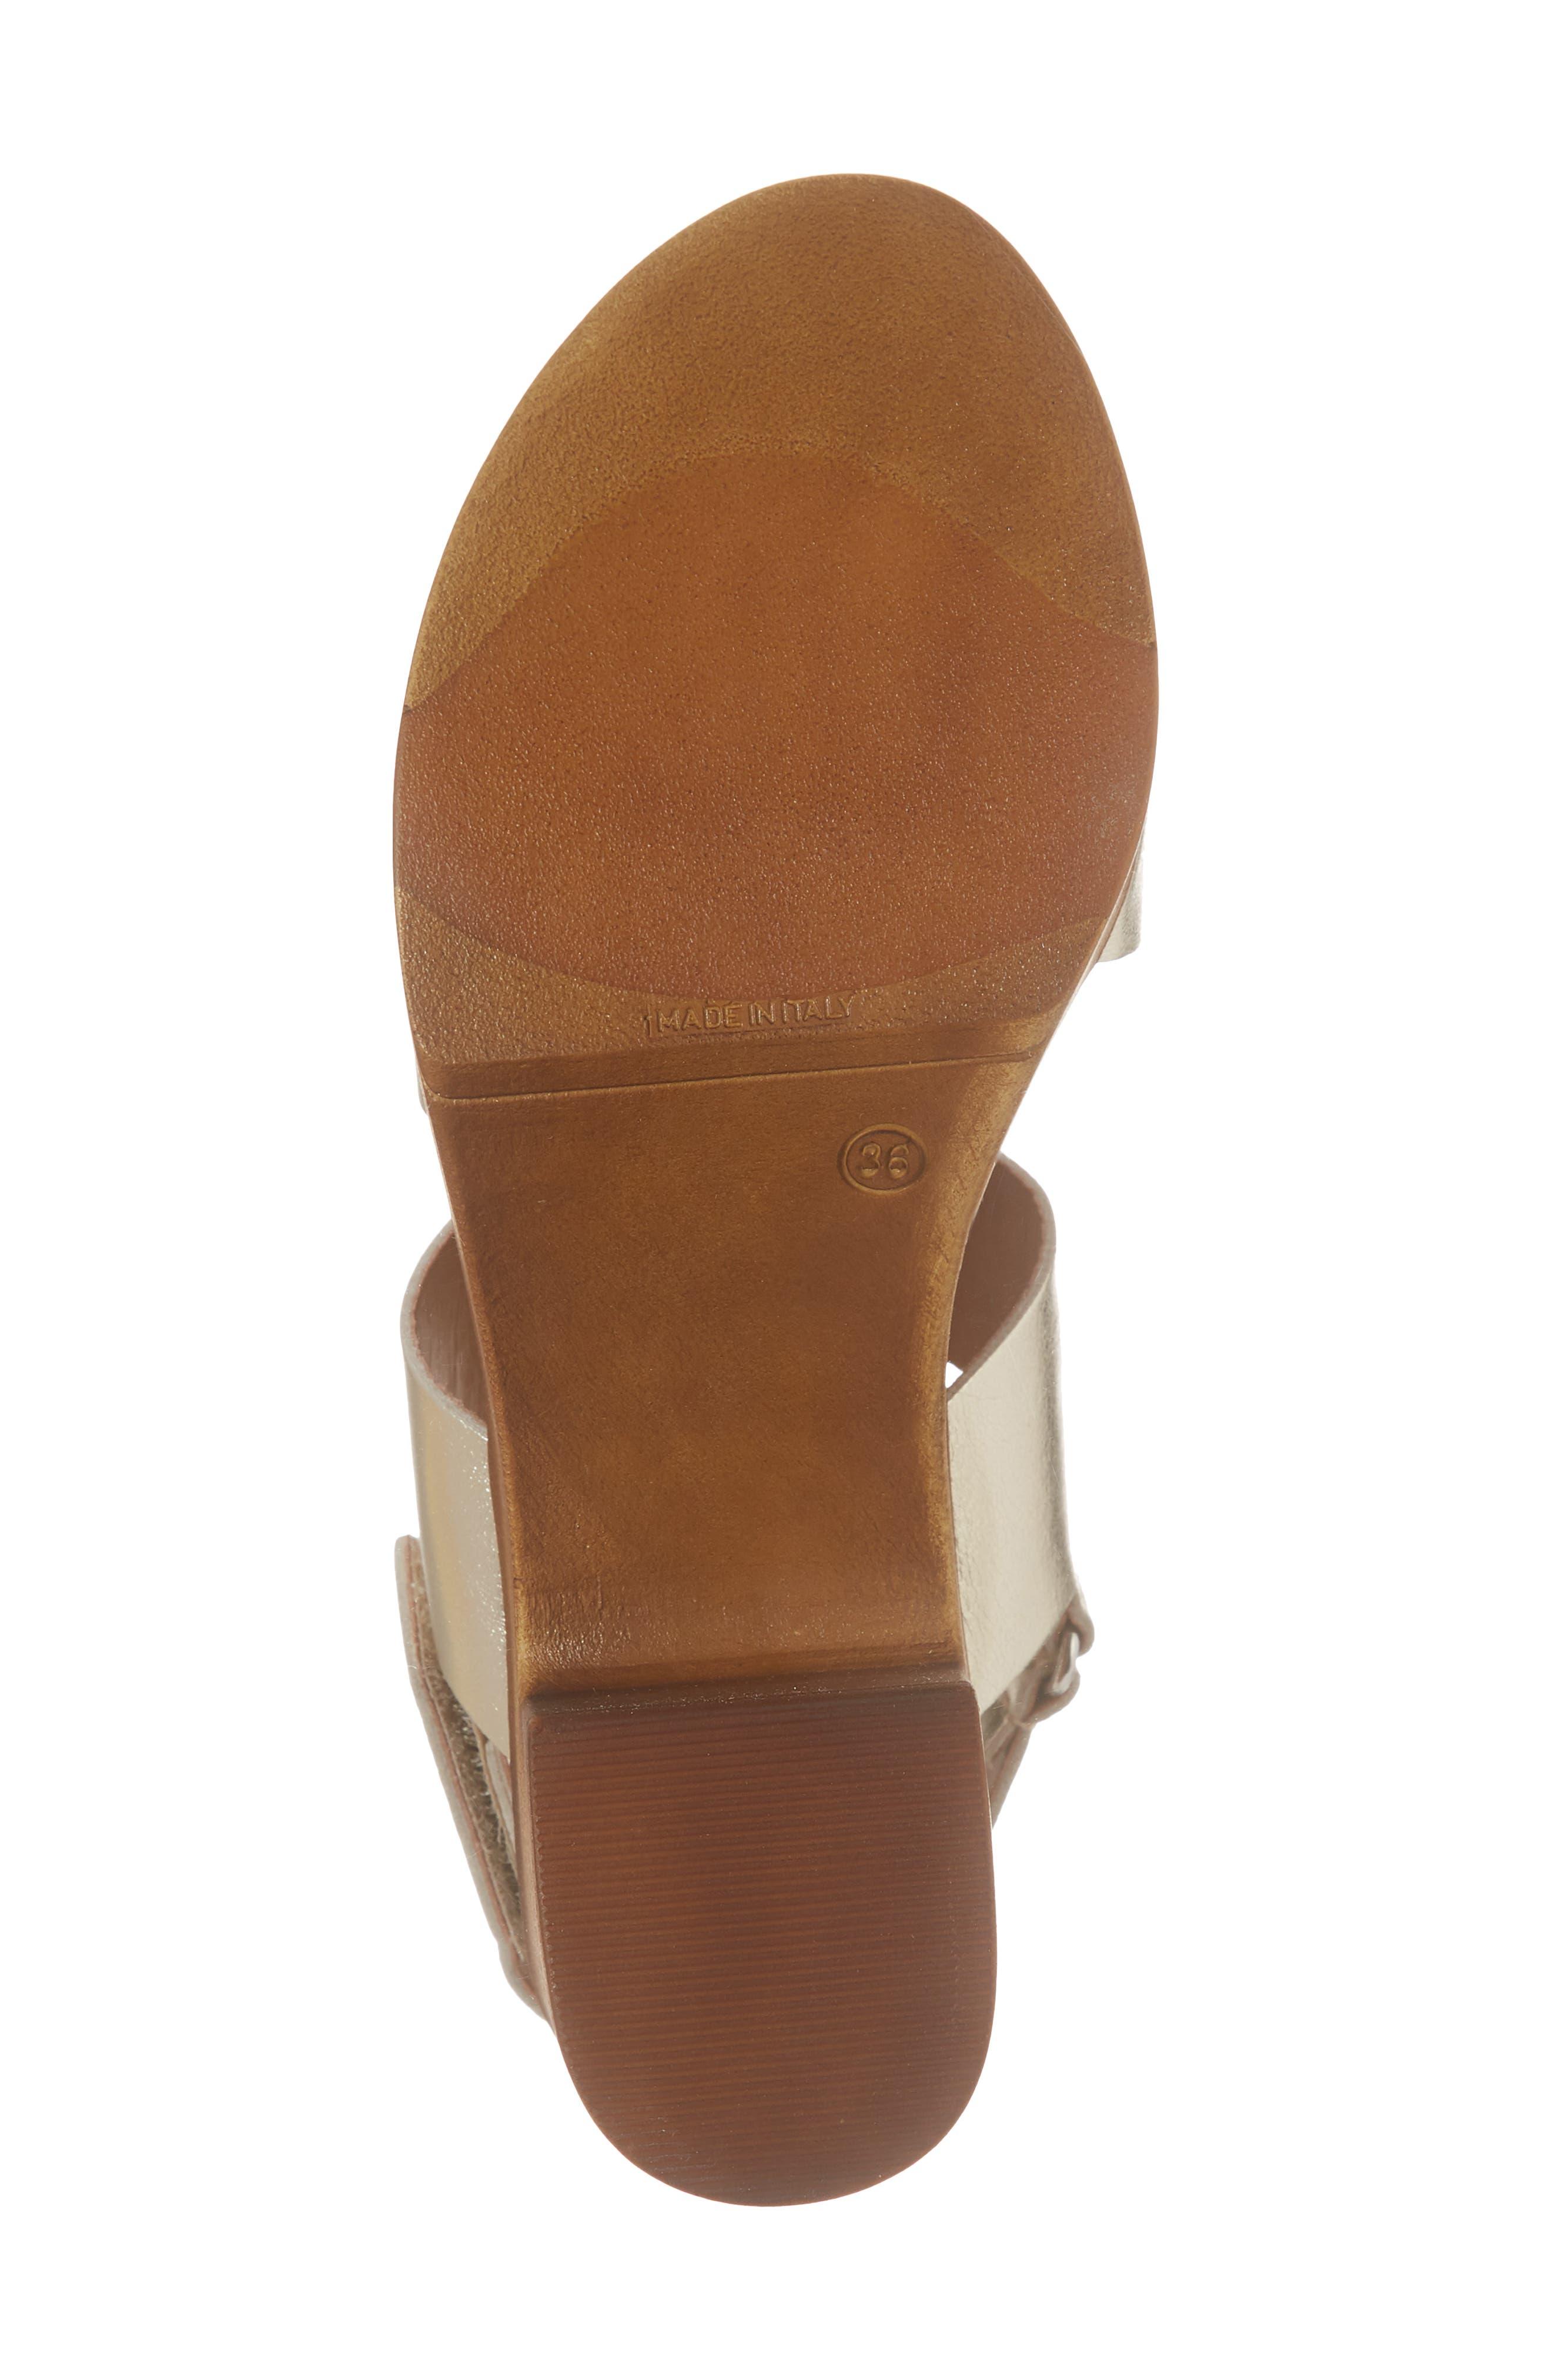 Marena Slingback Platform Sandal,                             Alternate thumbnail 6, color,                             Champagne